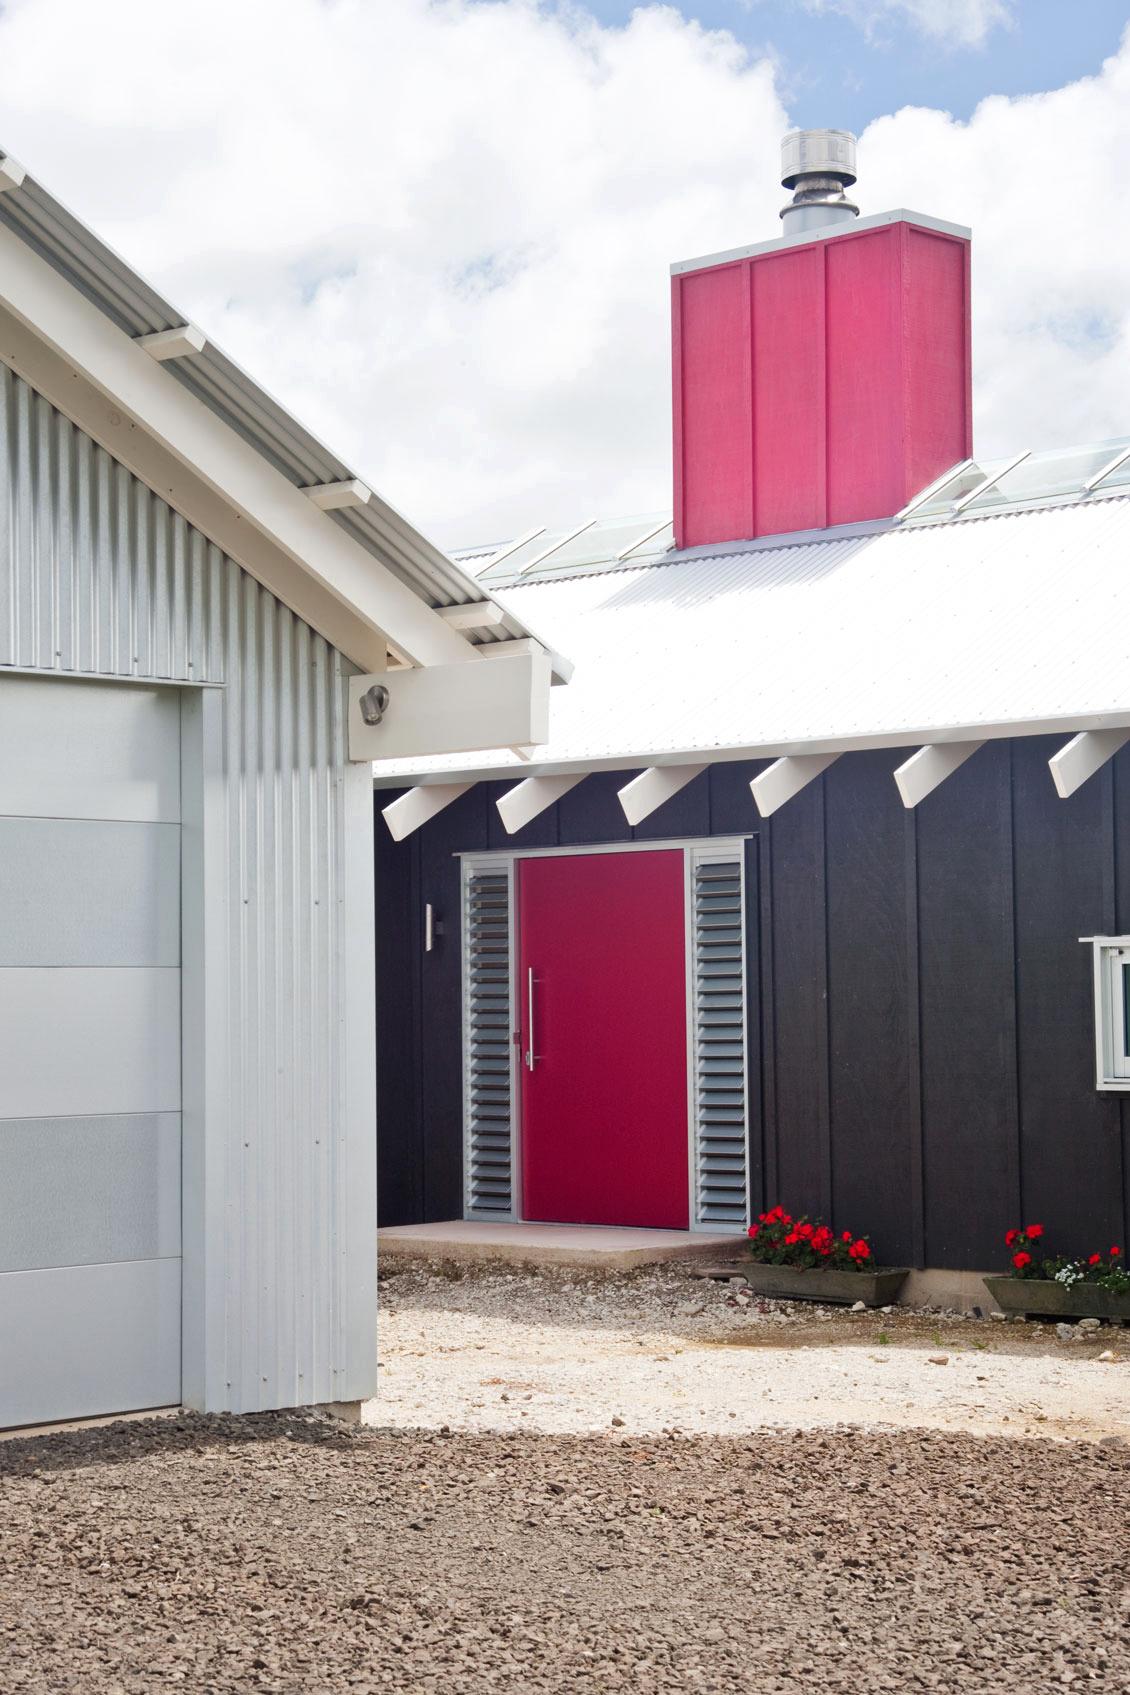 K  Leuschke Kahn Architects_Kumeu house, LKA__CM17435.jpg